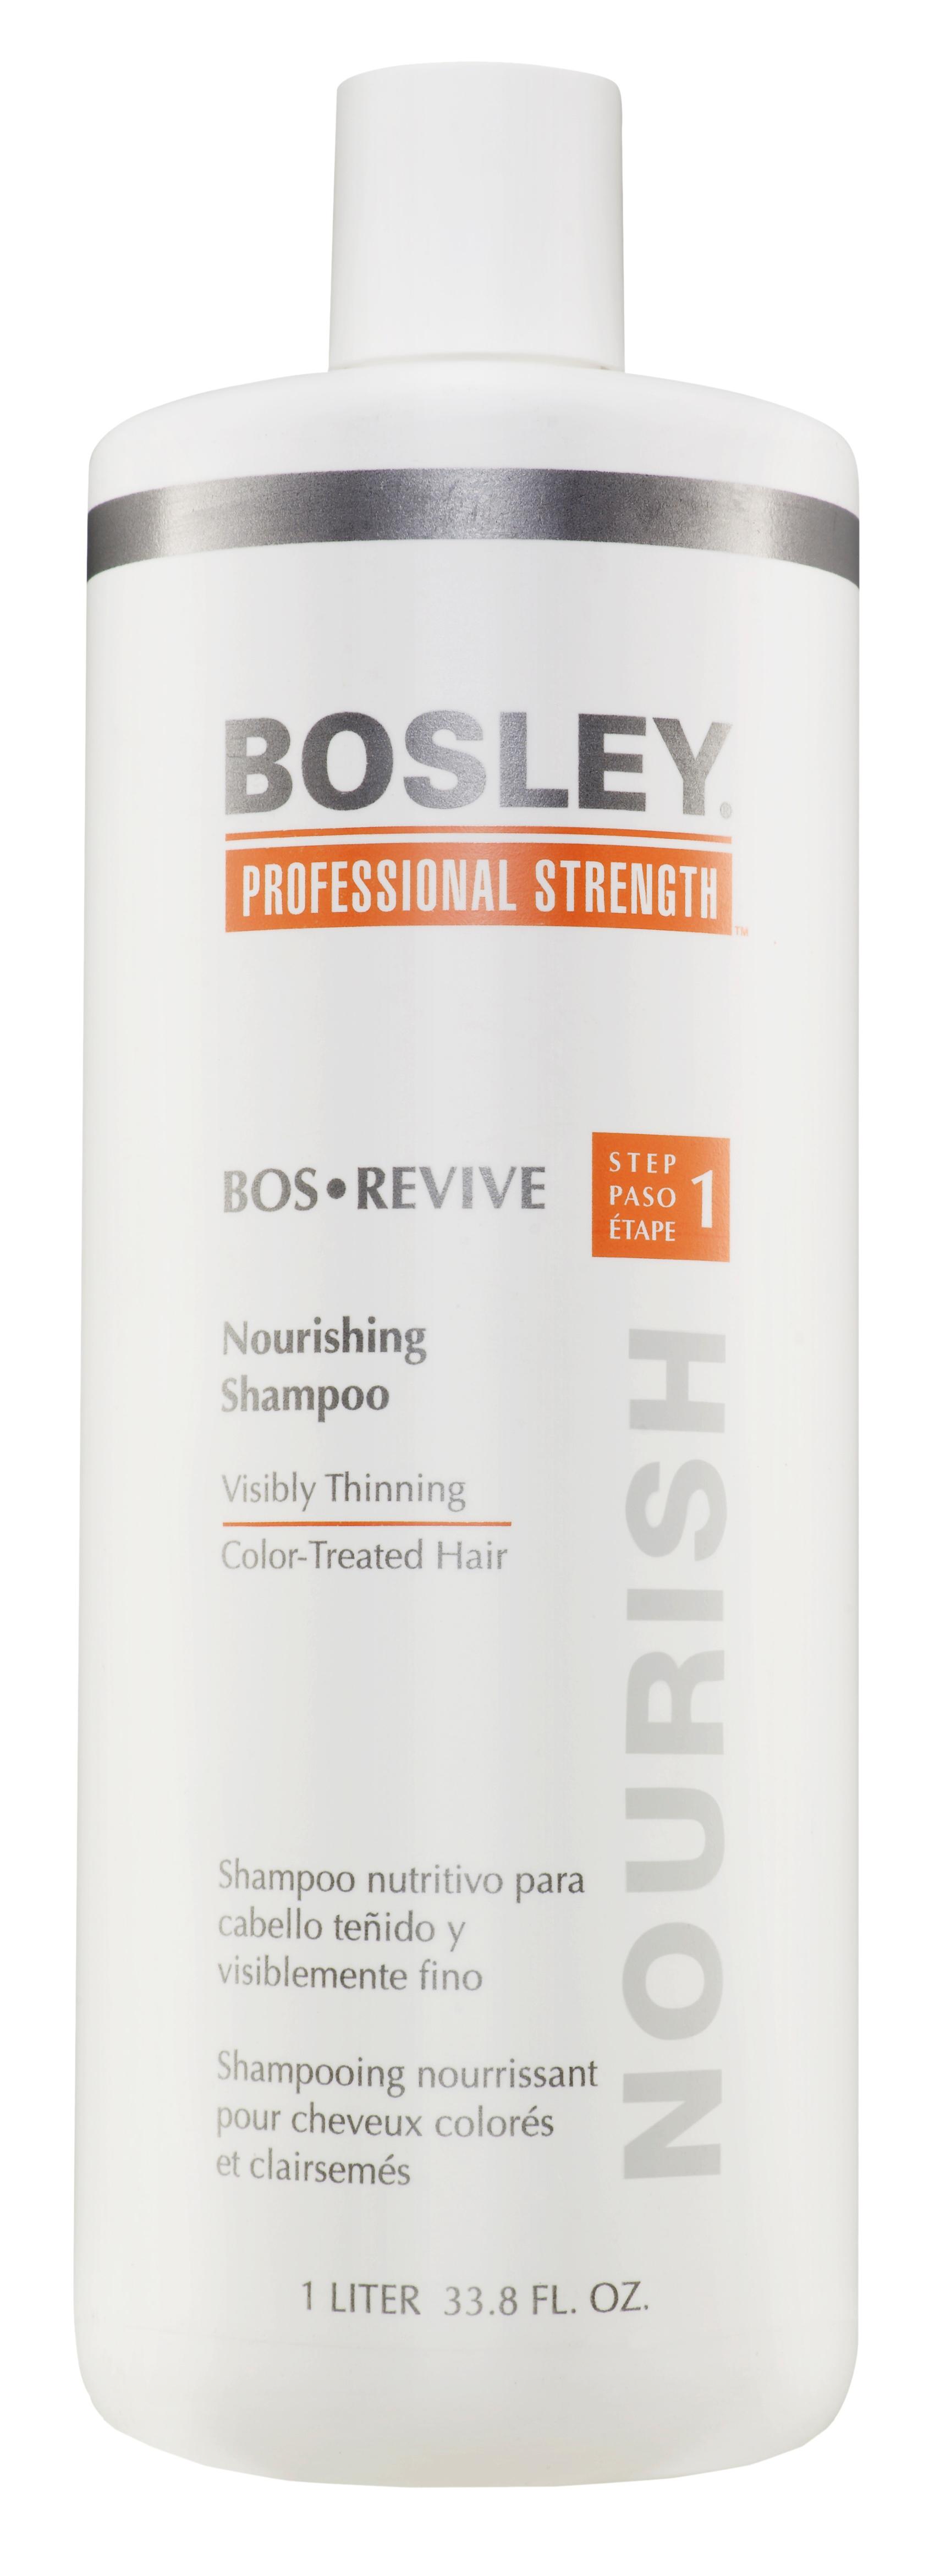 BOSLEY Шампунь питательный для истонченных окрашенных волос / ВОS REVIVE (step 1) 1000мл